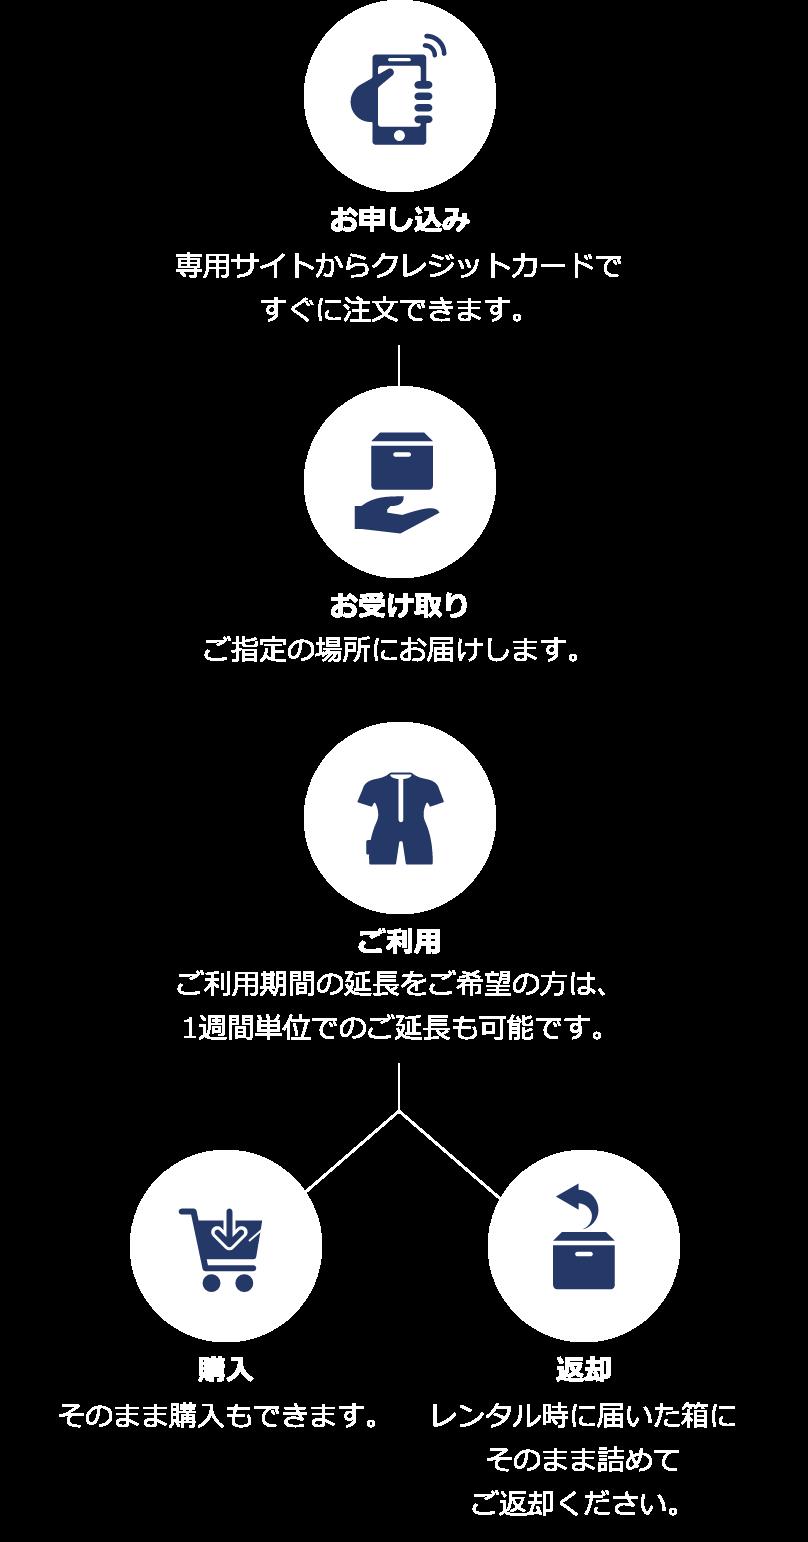 レンタルの流れイメージ